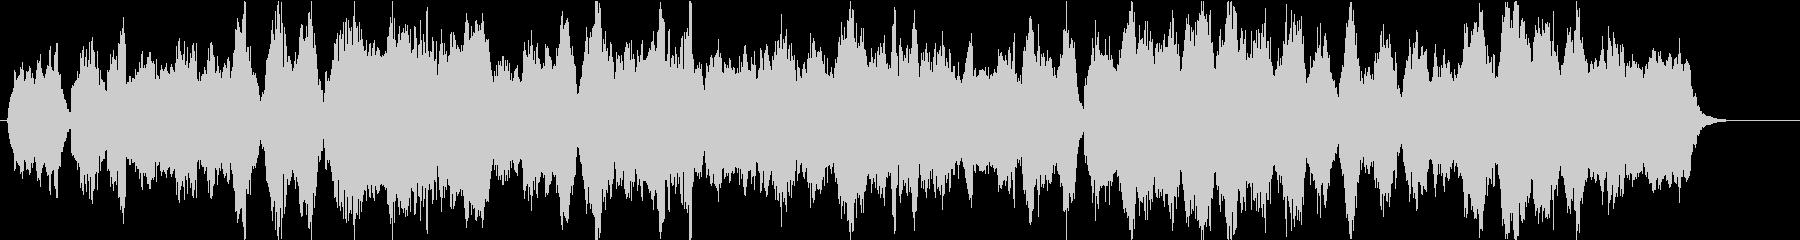 ストリングス主体の切ないオーケストラ楽曲の未再生の波形